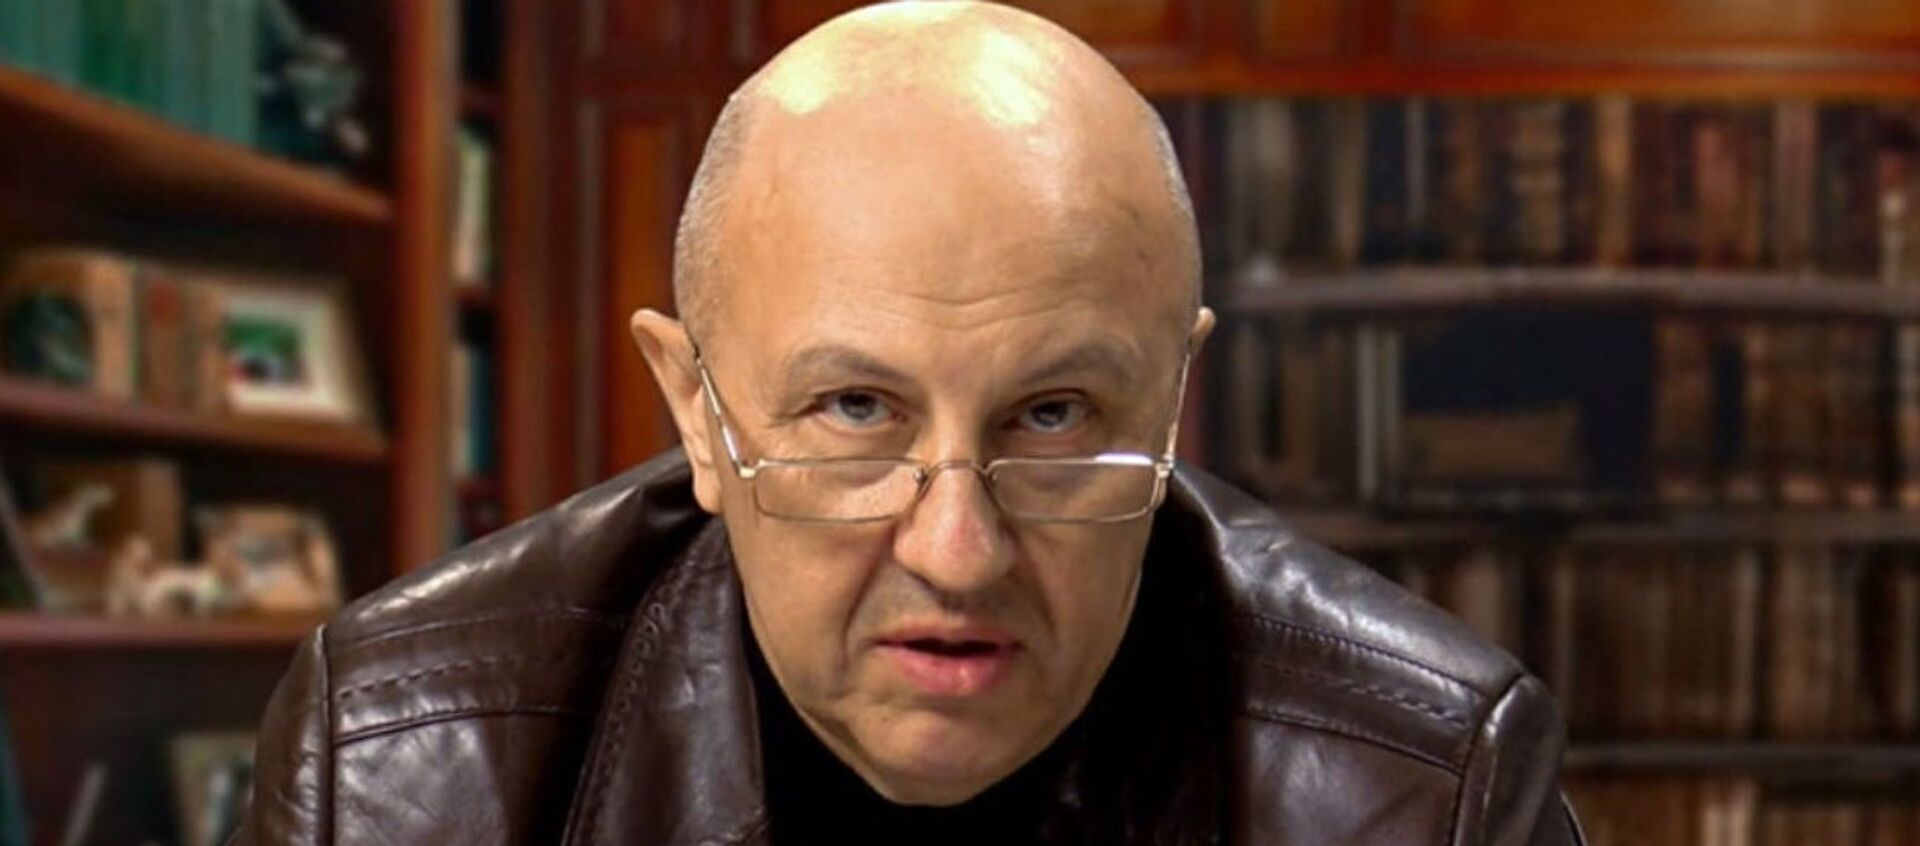 Историк, гендиректор Института системно-стратегического анализа Андрей Фурсов  - Sputnik Узбекистан, 1920, 11.09.2018